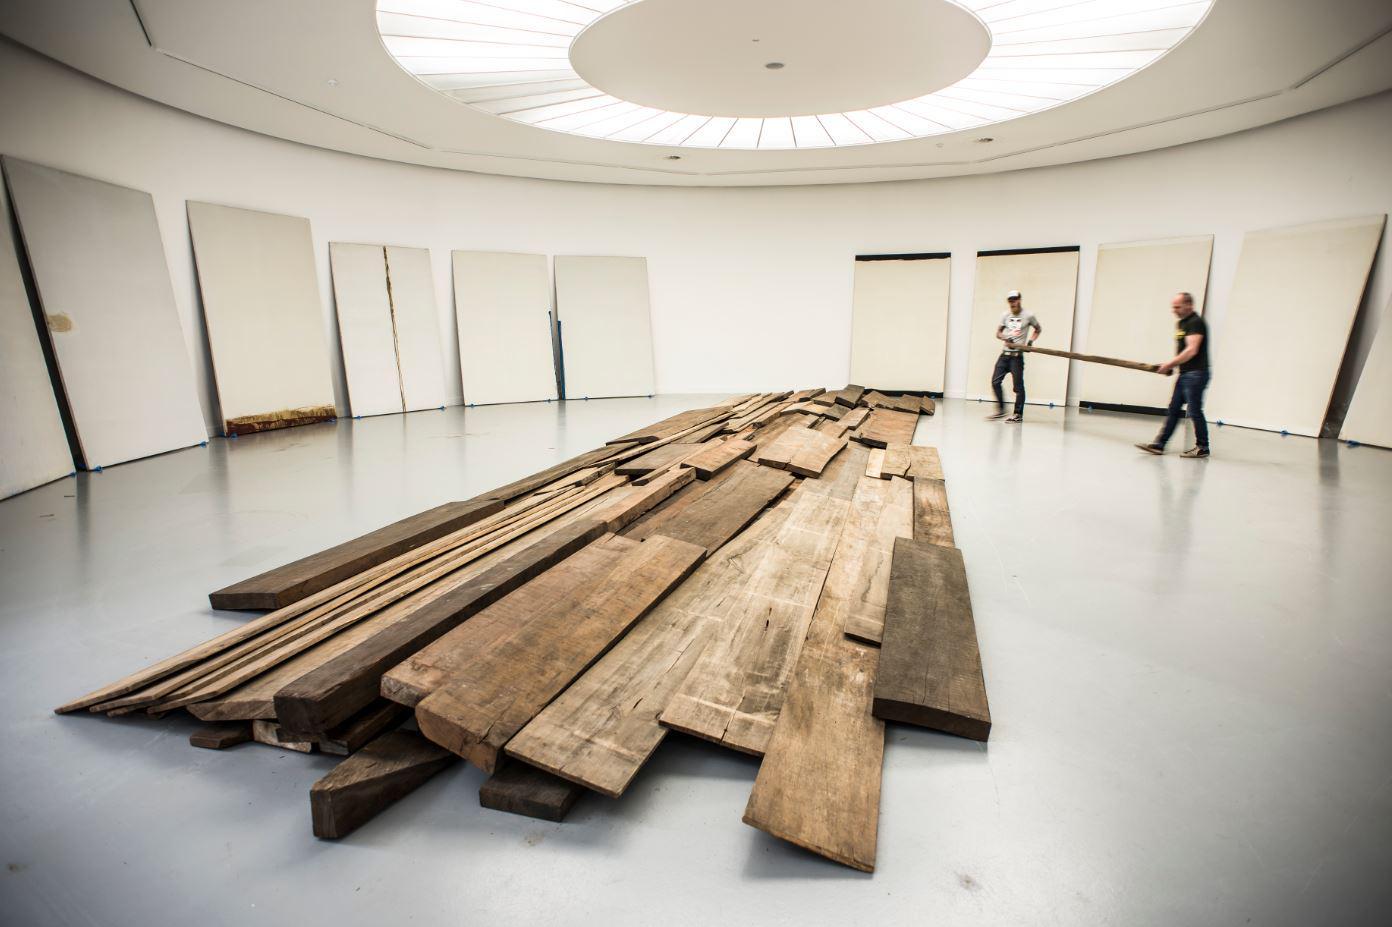 Naast Jan Fabre's #Stigmata opent op 23.04 ook een expo met onbekend werk van Bernd Lohaus http://t.co/HK8nLIH3Tt http://t.co/Rzkrg1HieH